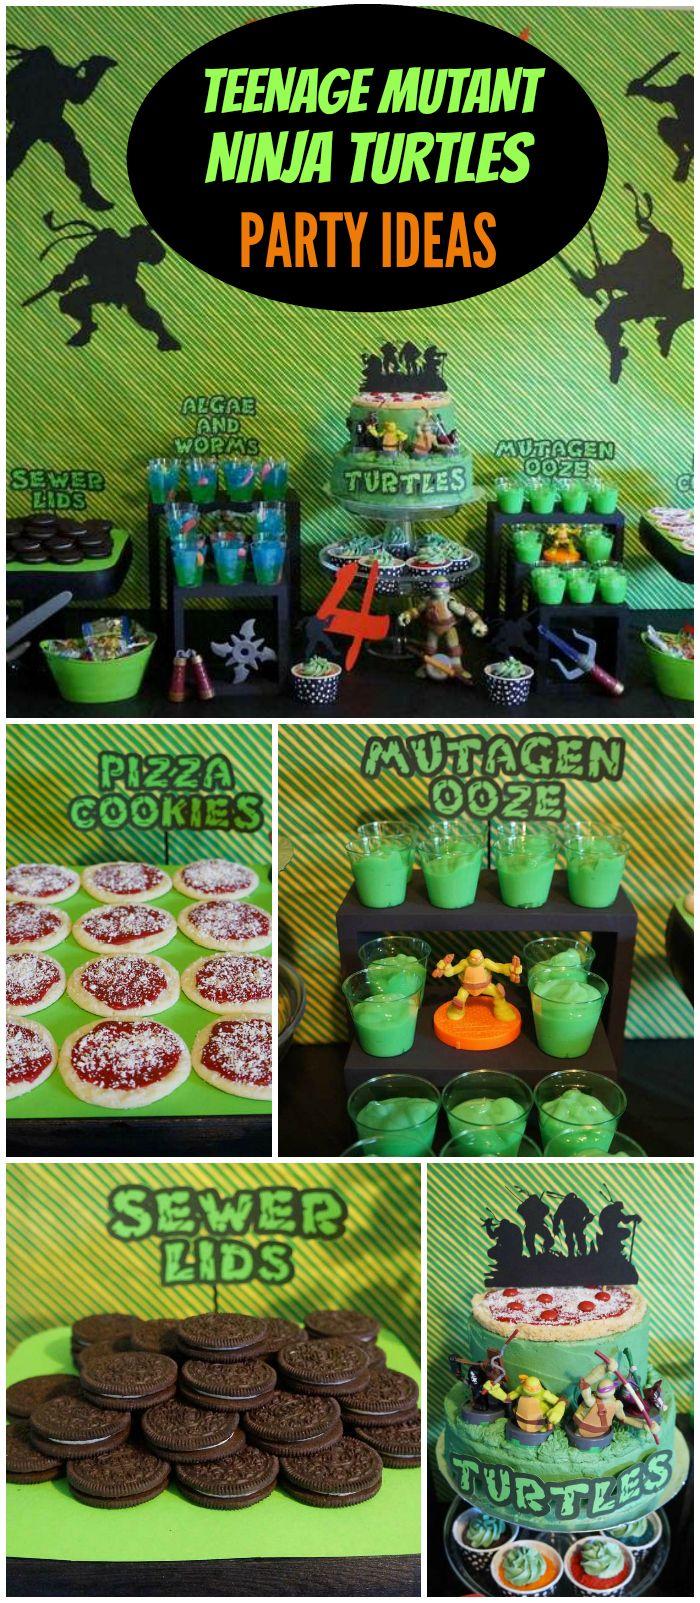 Teenage Mutant Ninja Turtles Birthday Luke S Teenage Mutant Ninja Turtles Party Catch My Party Teenage Mutant Ninja Turtles Birthday Party Ninja Turtles Birthday Party Ninja Turtle Party